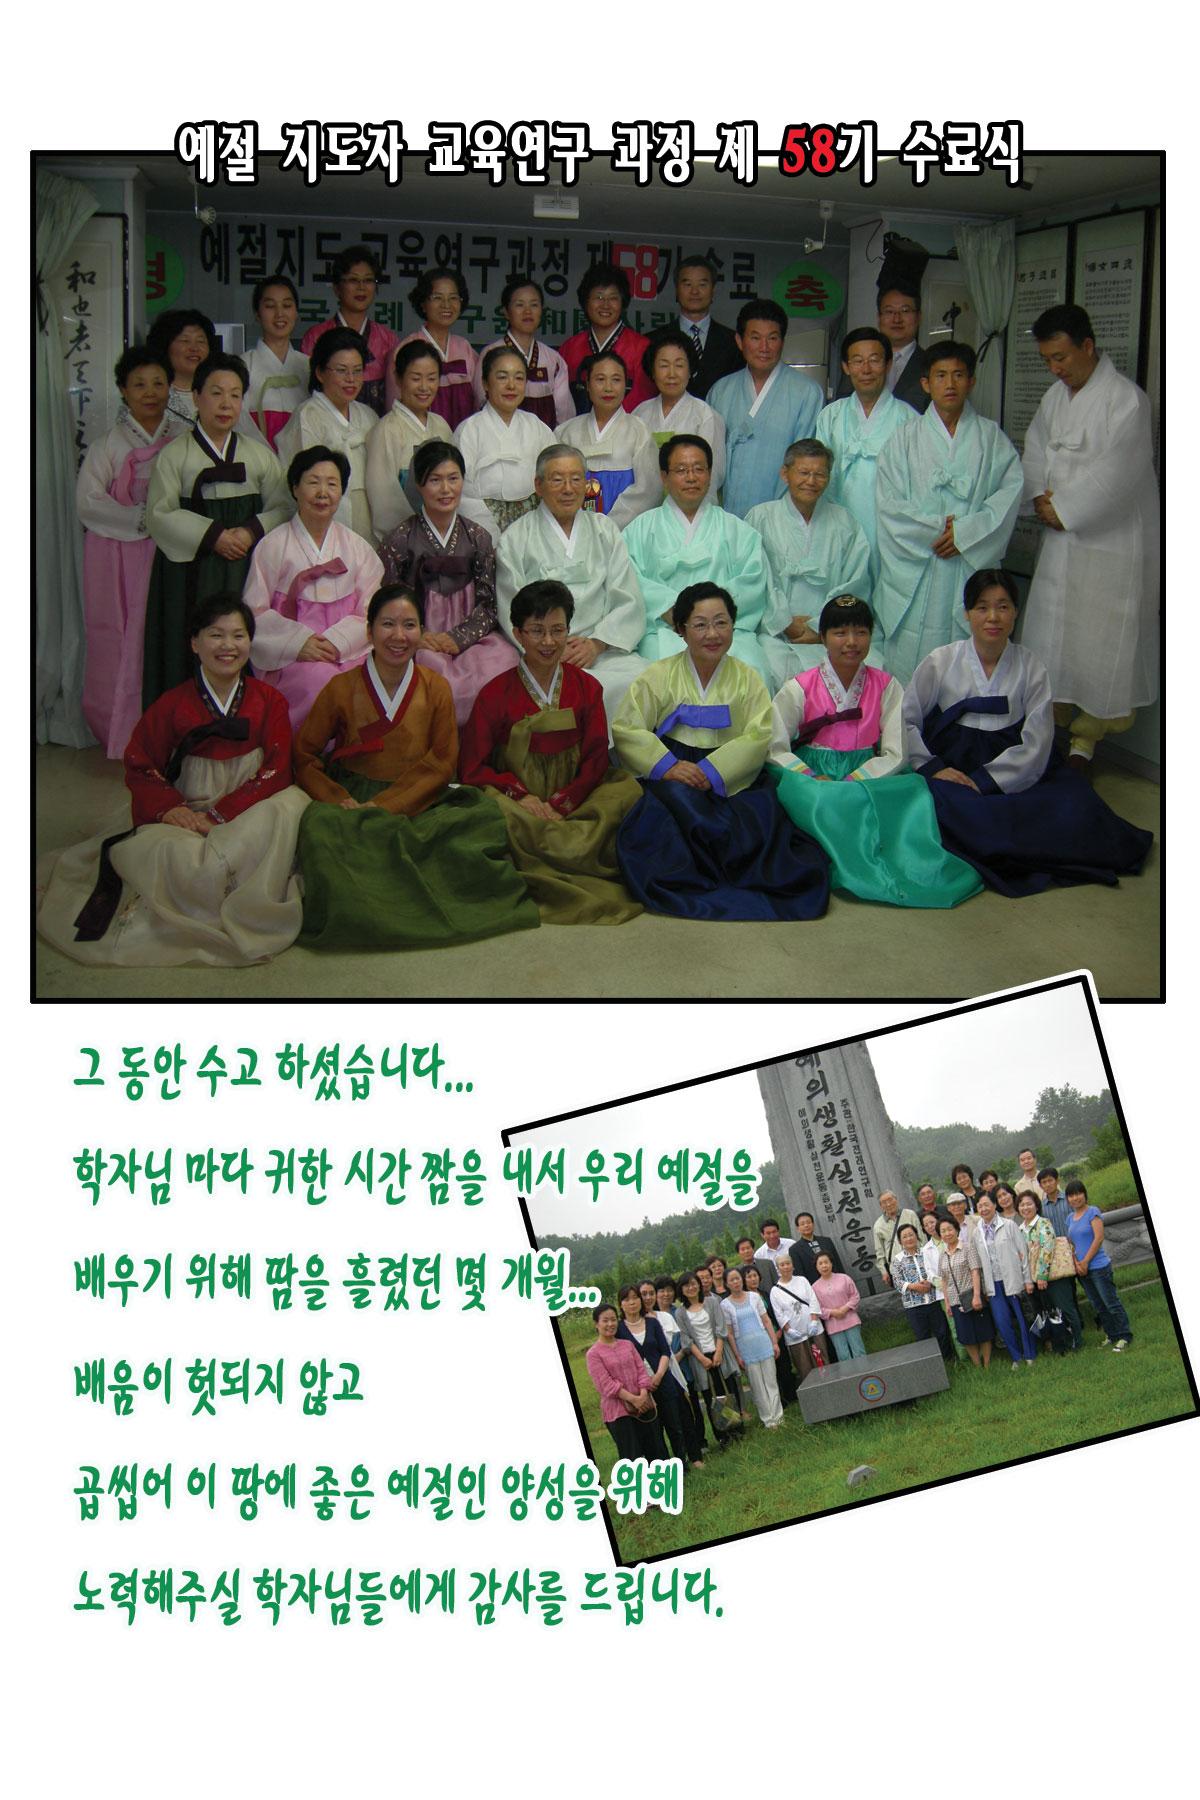 200908-58-01.jpg